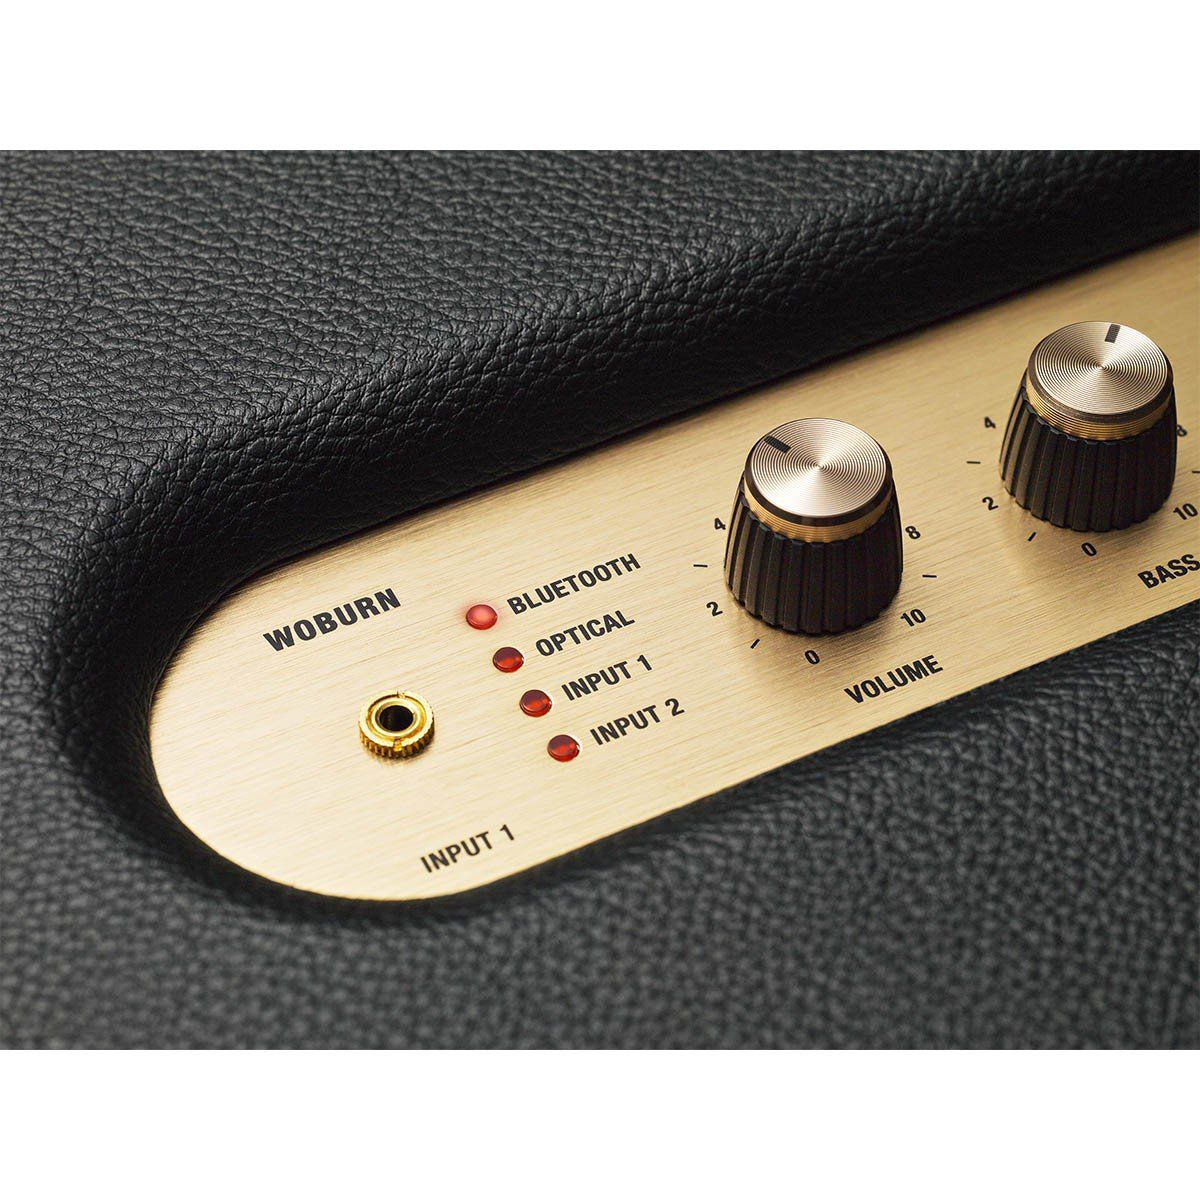 Marshall Woburn Caixa Acústica Ativa com Bluetooth 90w para Audiófilos e Profissionais